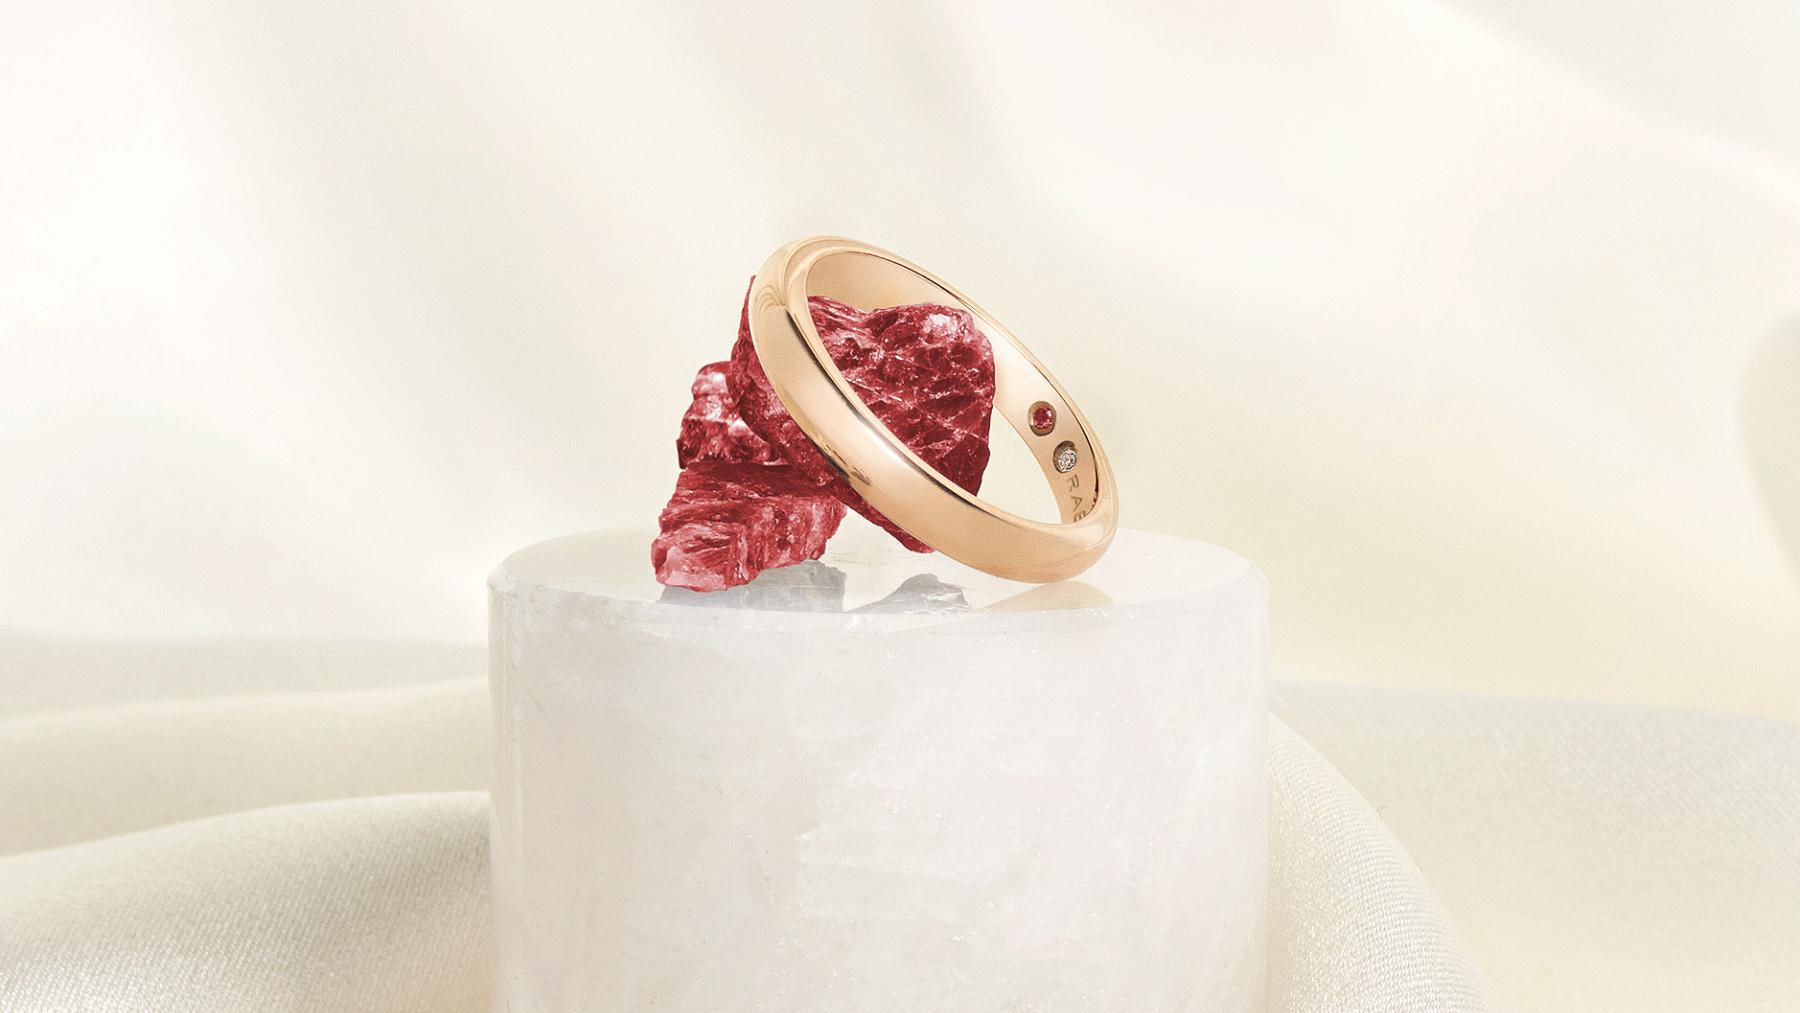 Detalle de la alianza con diamante y rubí / Foto: Rabat